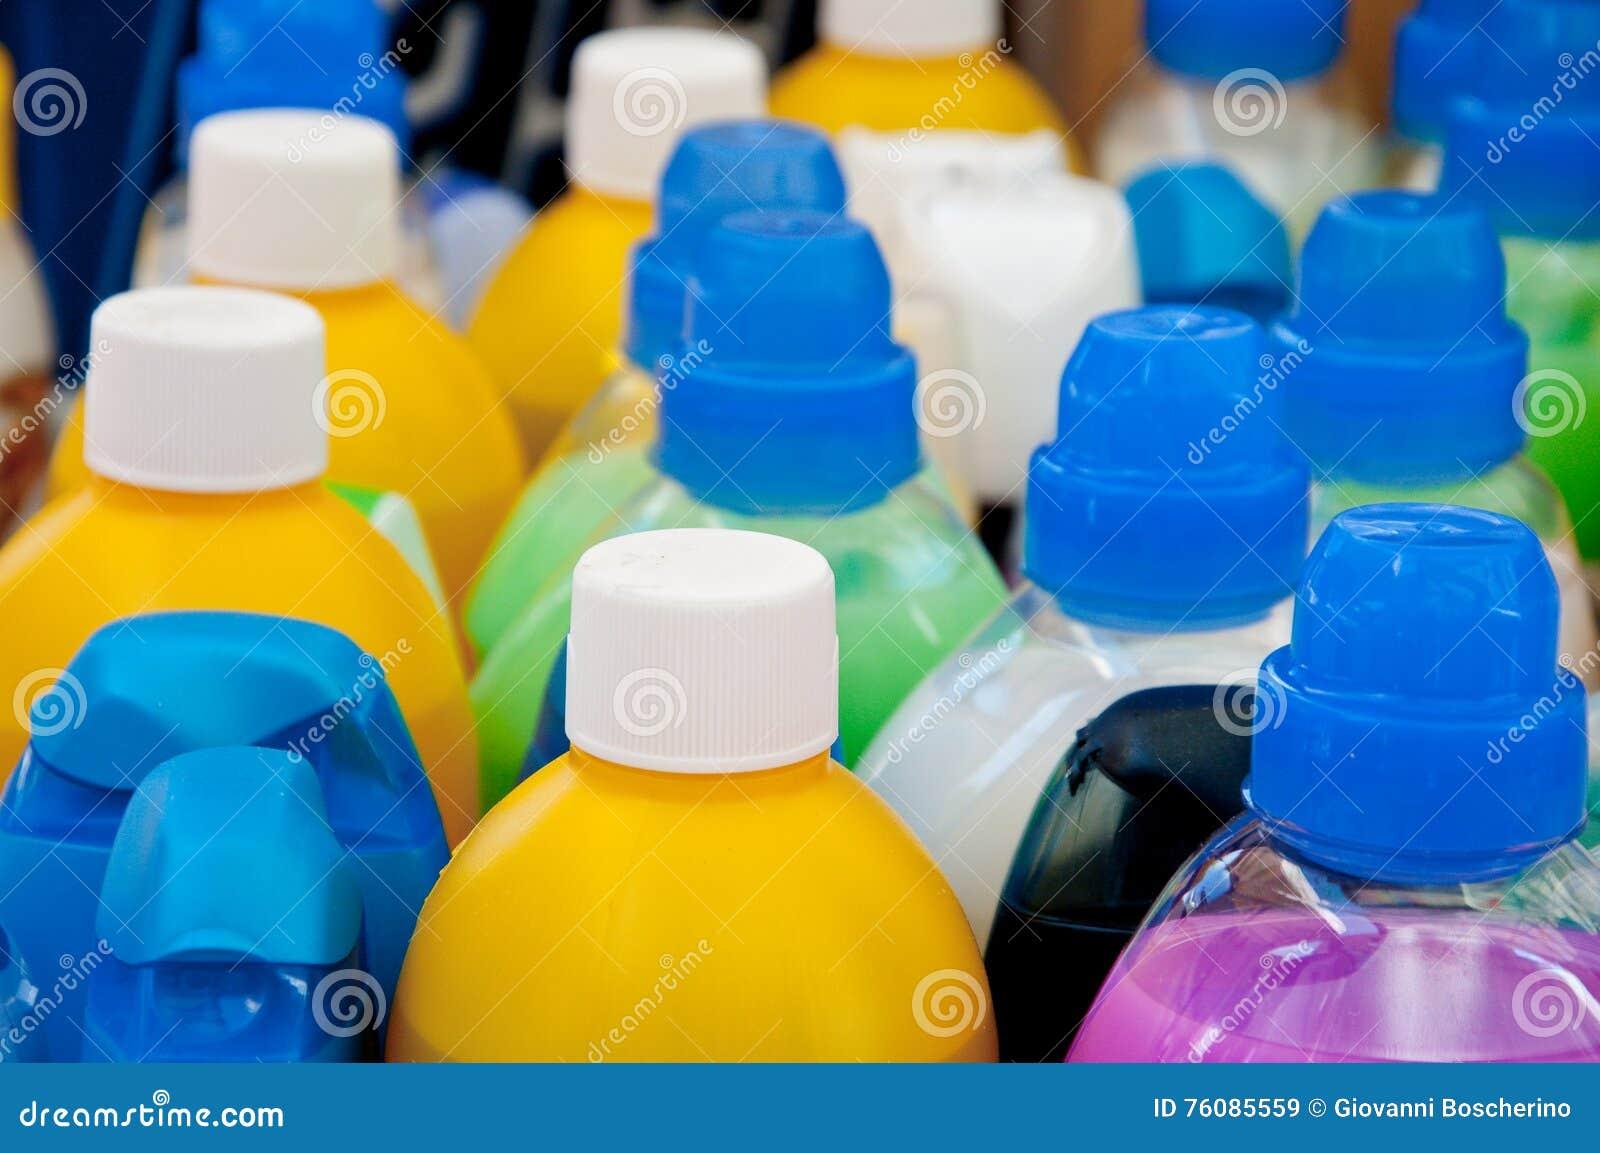 Chapeaux en plastique colorés pour des détergents, des shampooings et des savons liquides